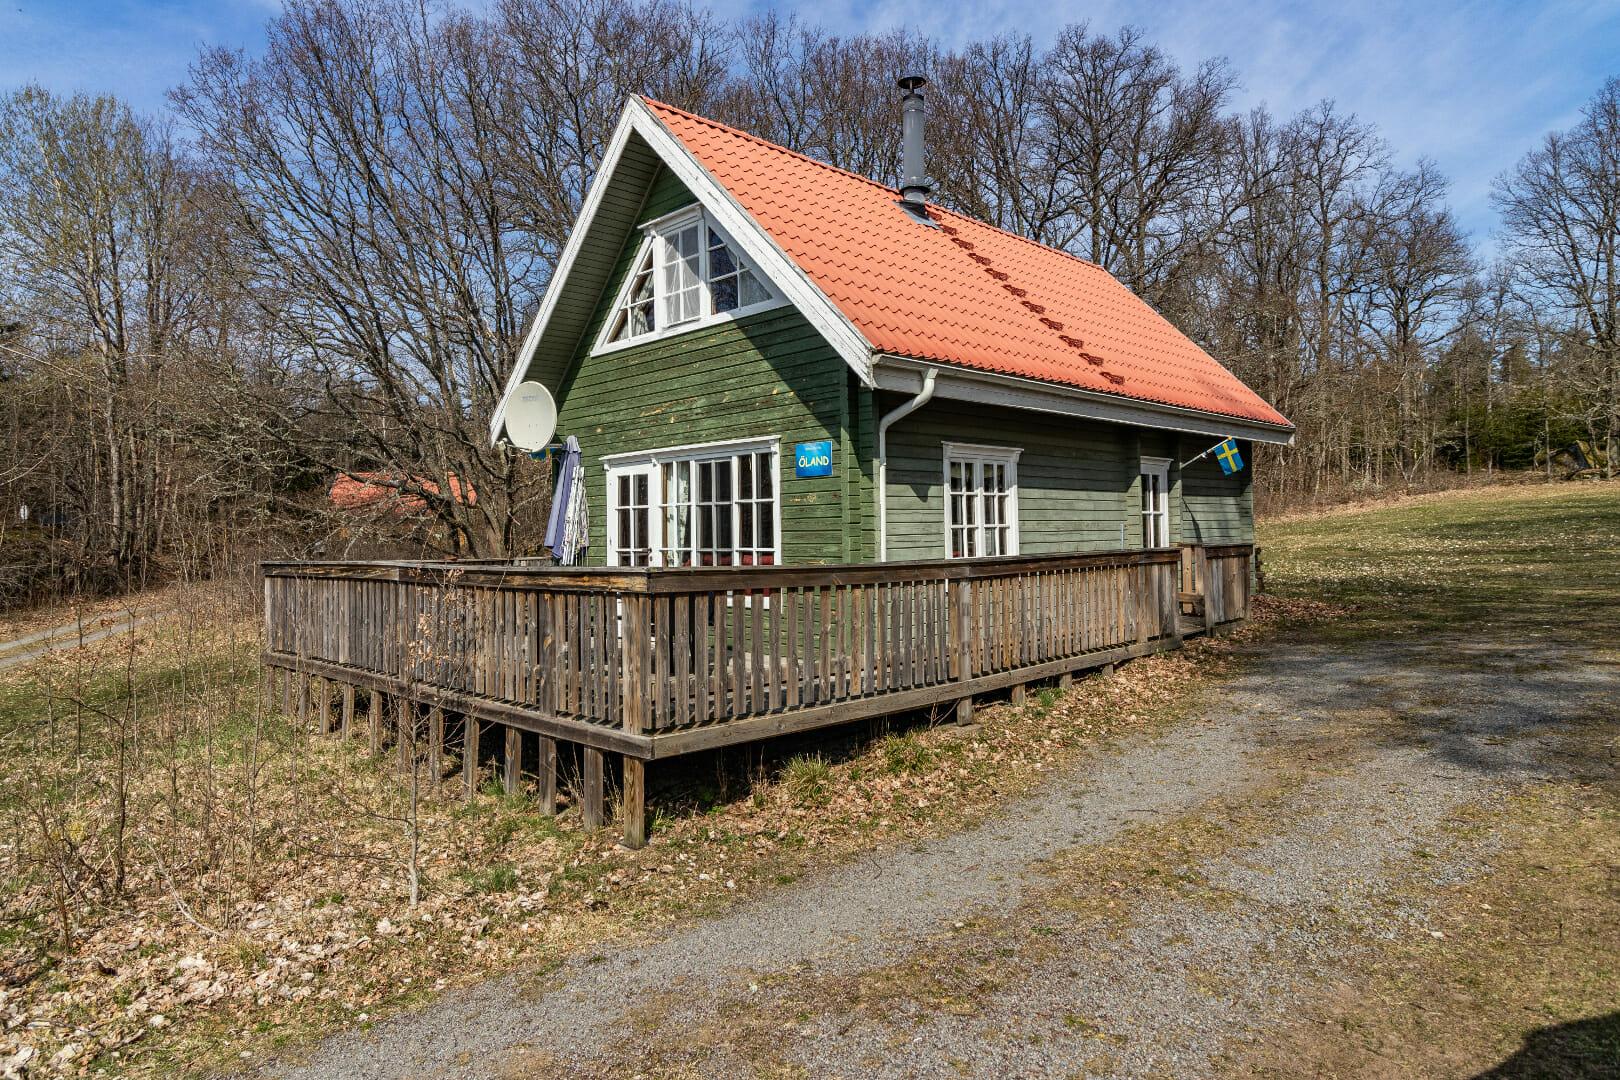 FerienhausGunnebo-12.jpg